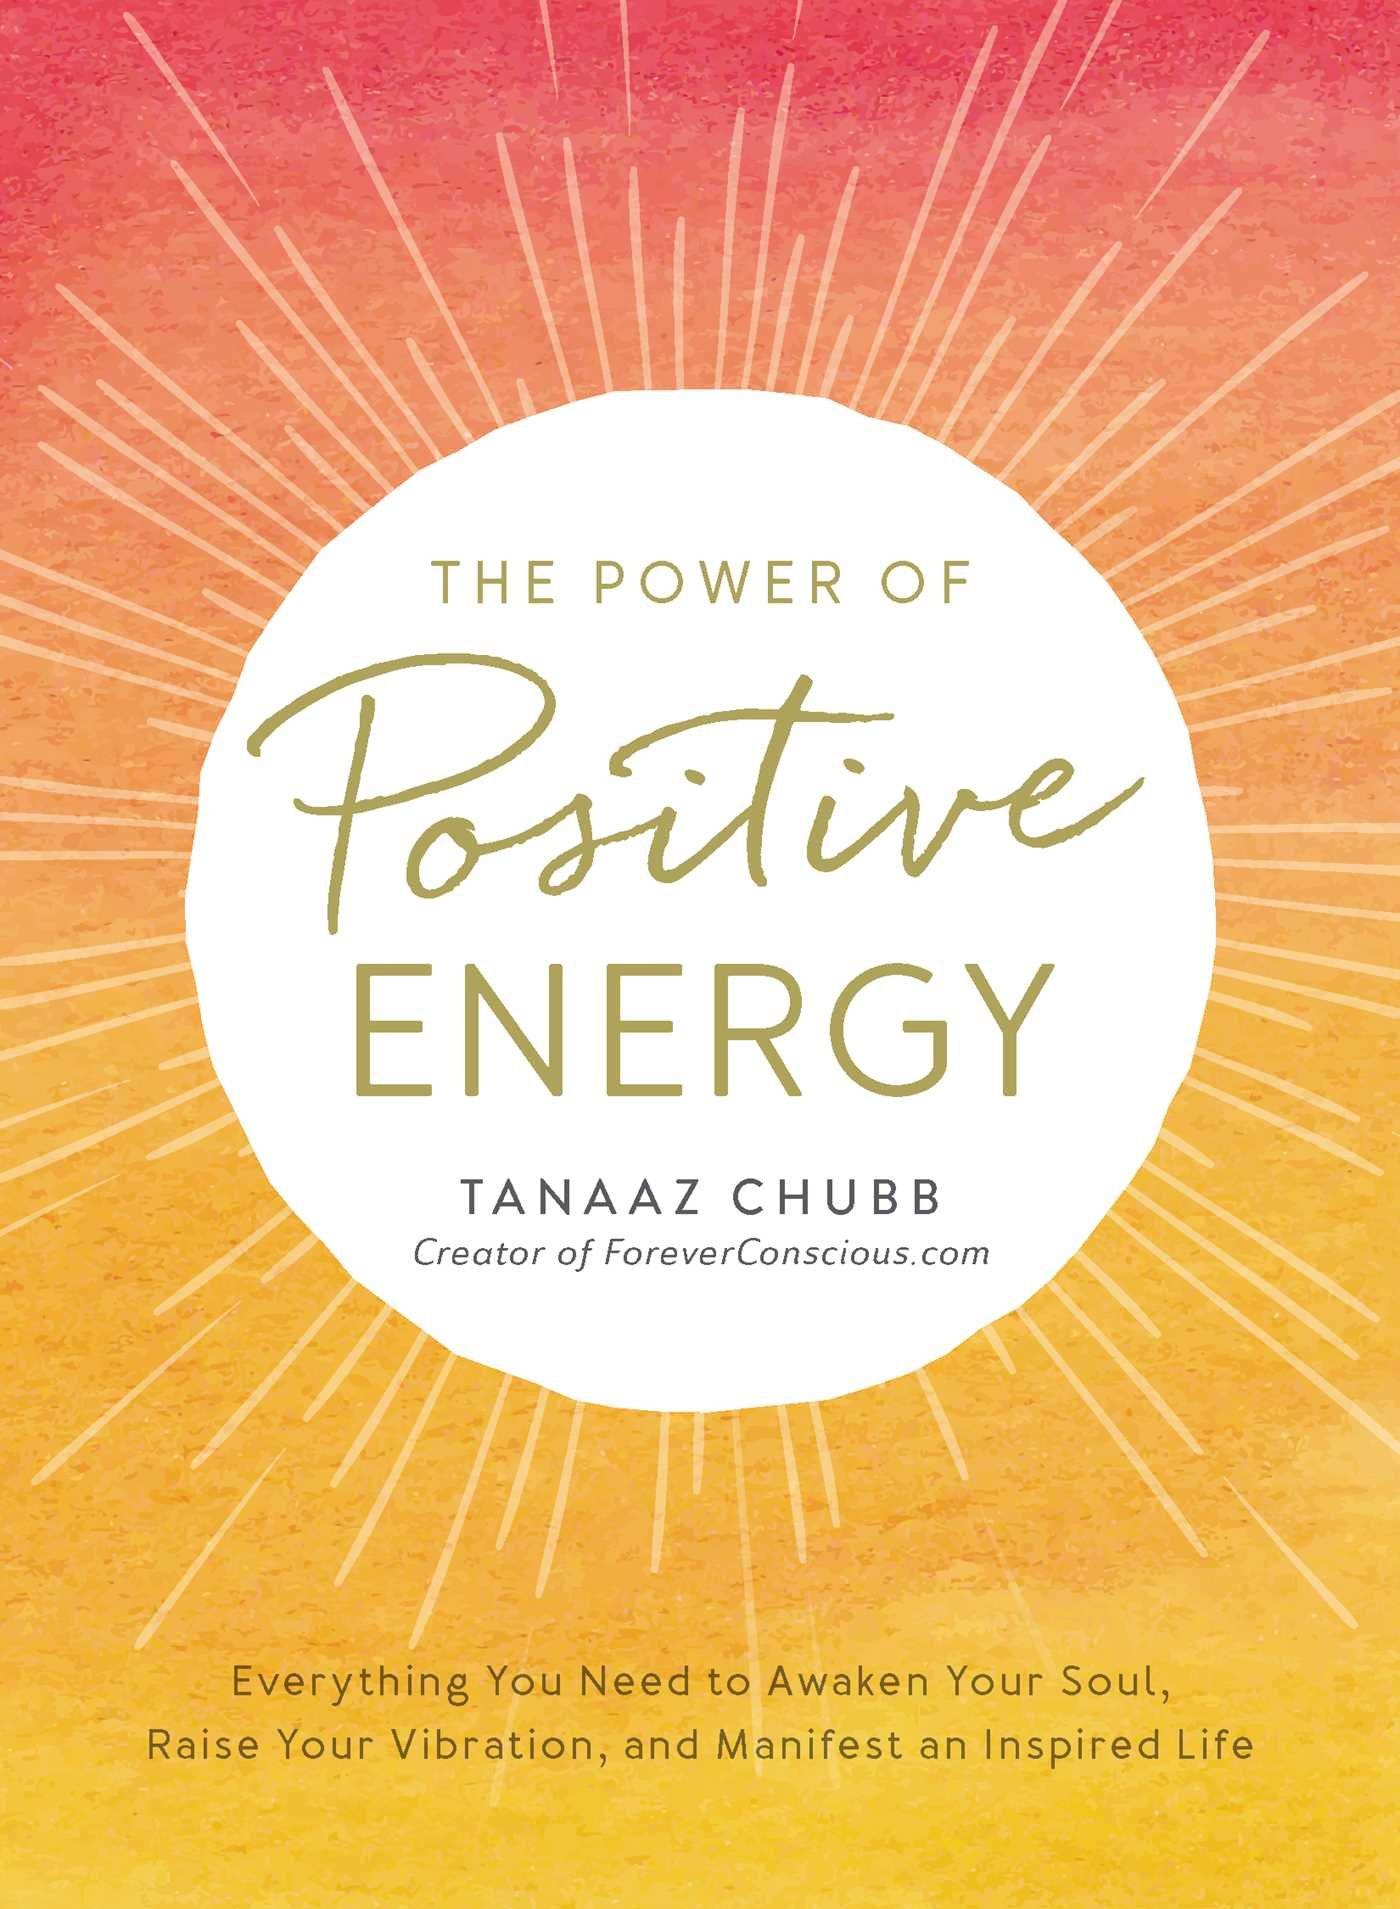 Power Positive Energy Everything vibration product image